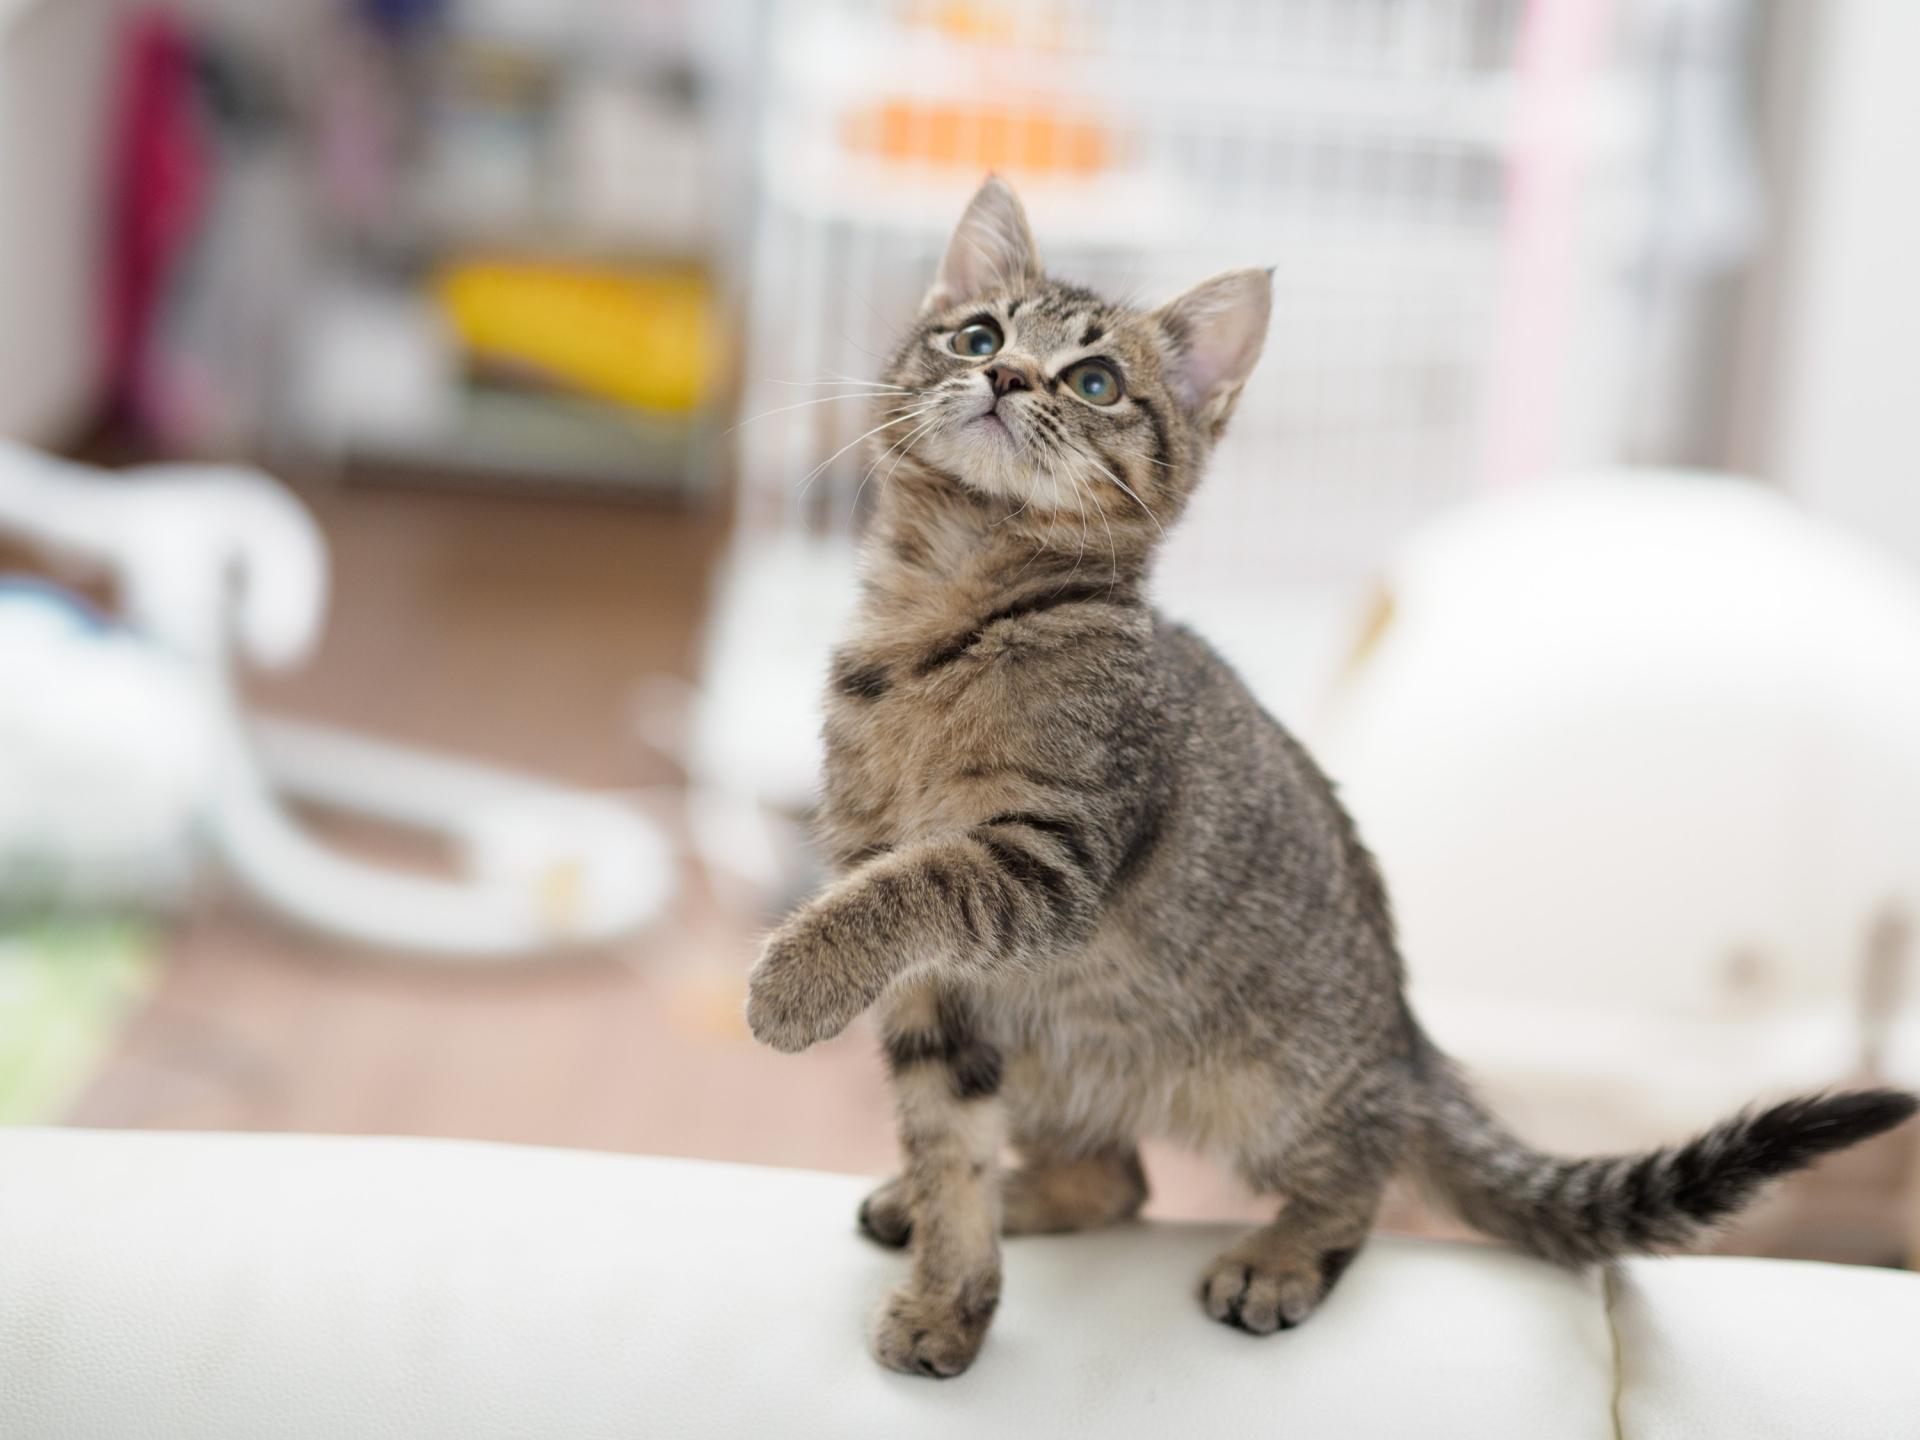 猫が掃除機を好きって本当?掃除機好きな猫と掃除機が嫌いな理由